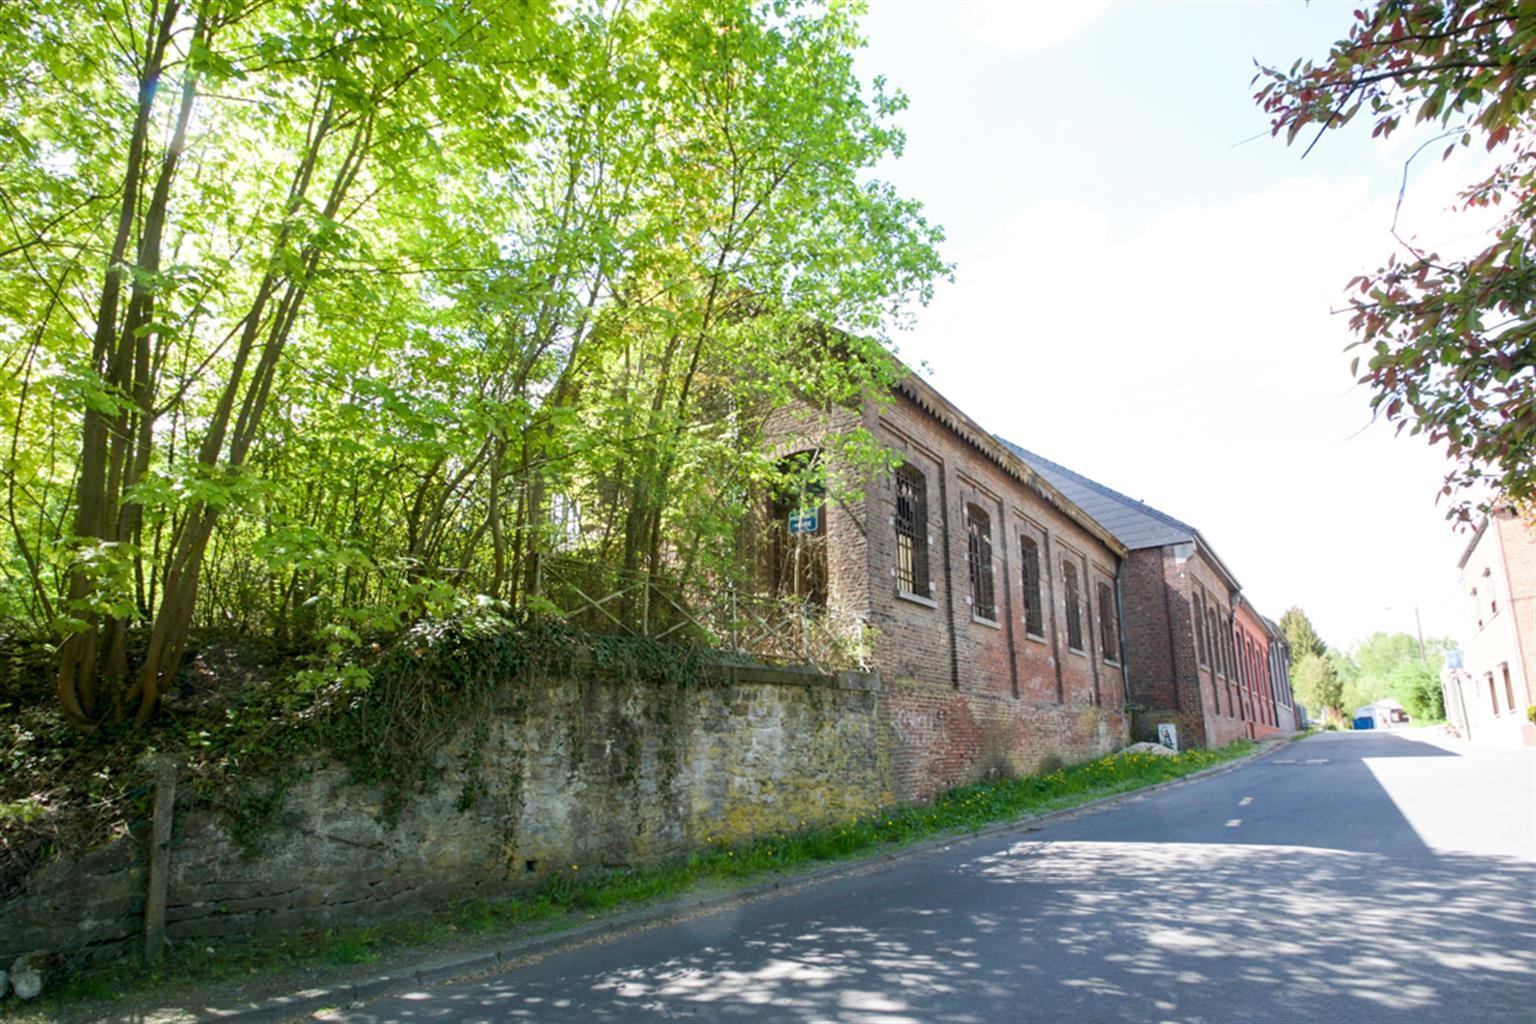 Maison - Fontaine-l'Evêque - #3429581-2